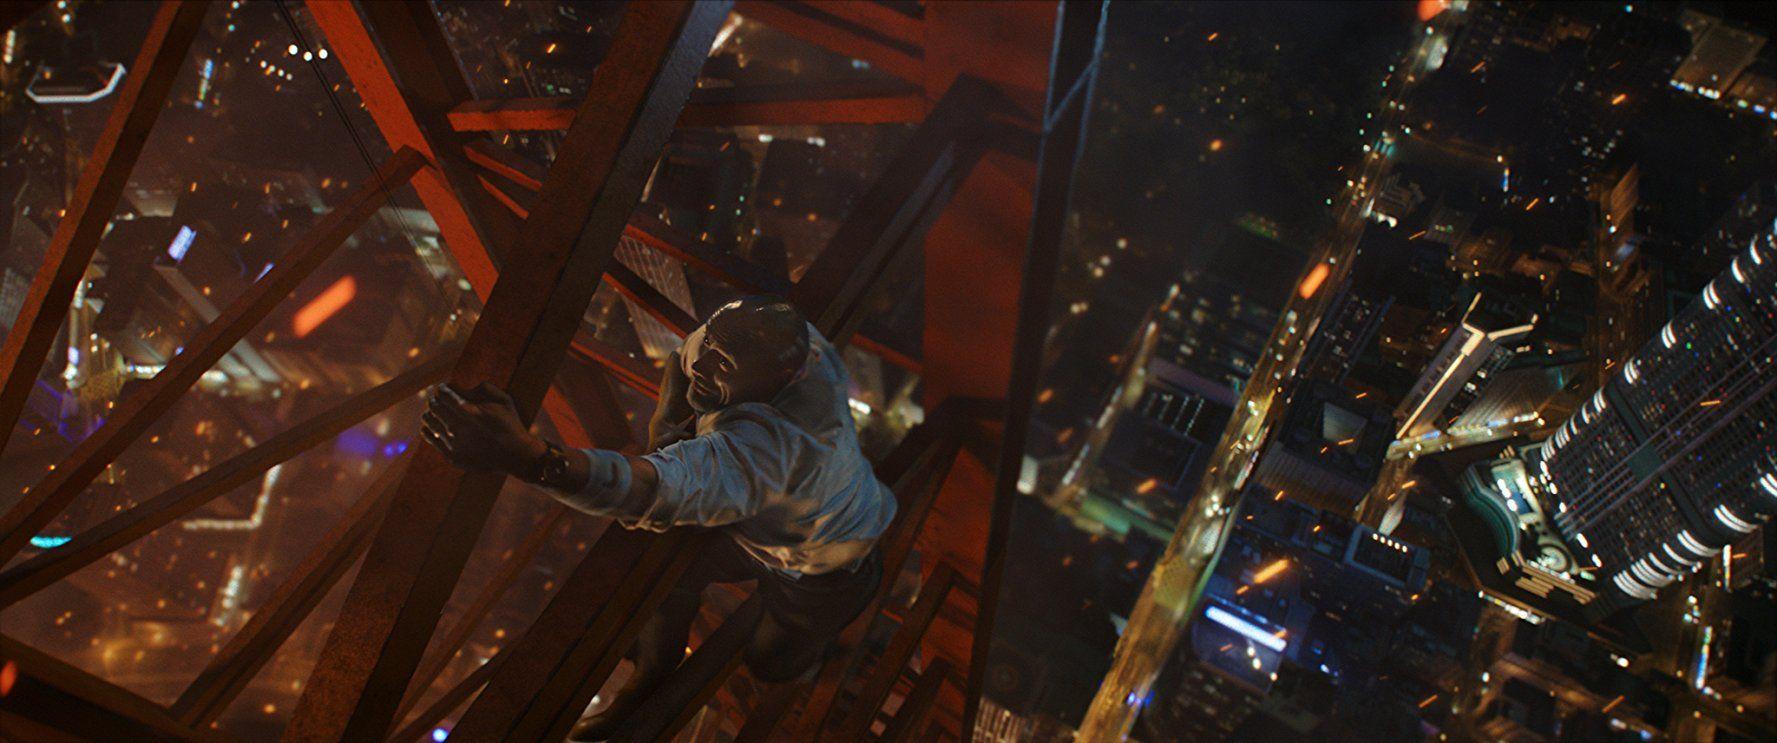 Skyscraper movie download 720p 1080p 4k